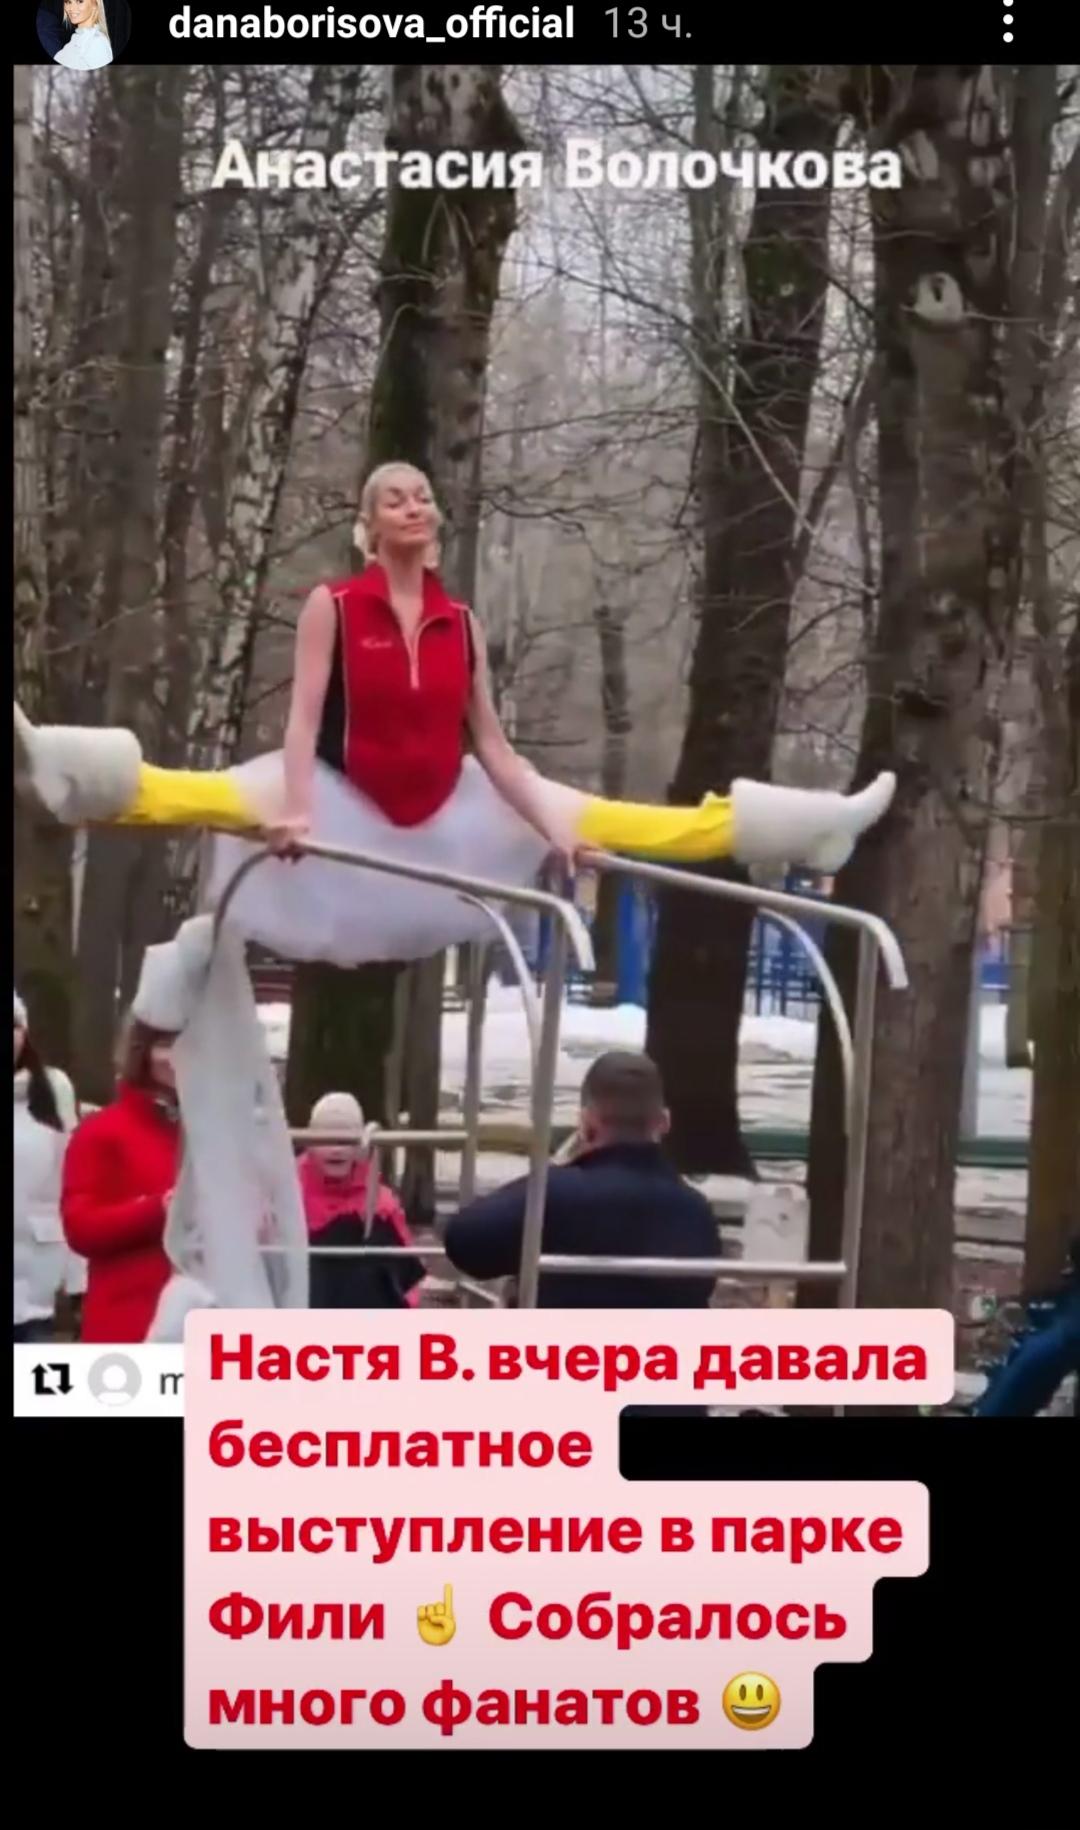 Толпа фанатов протащила, раздвинувшую ноги, Анастасию Волочкову через московский парк